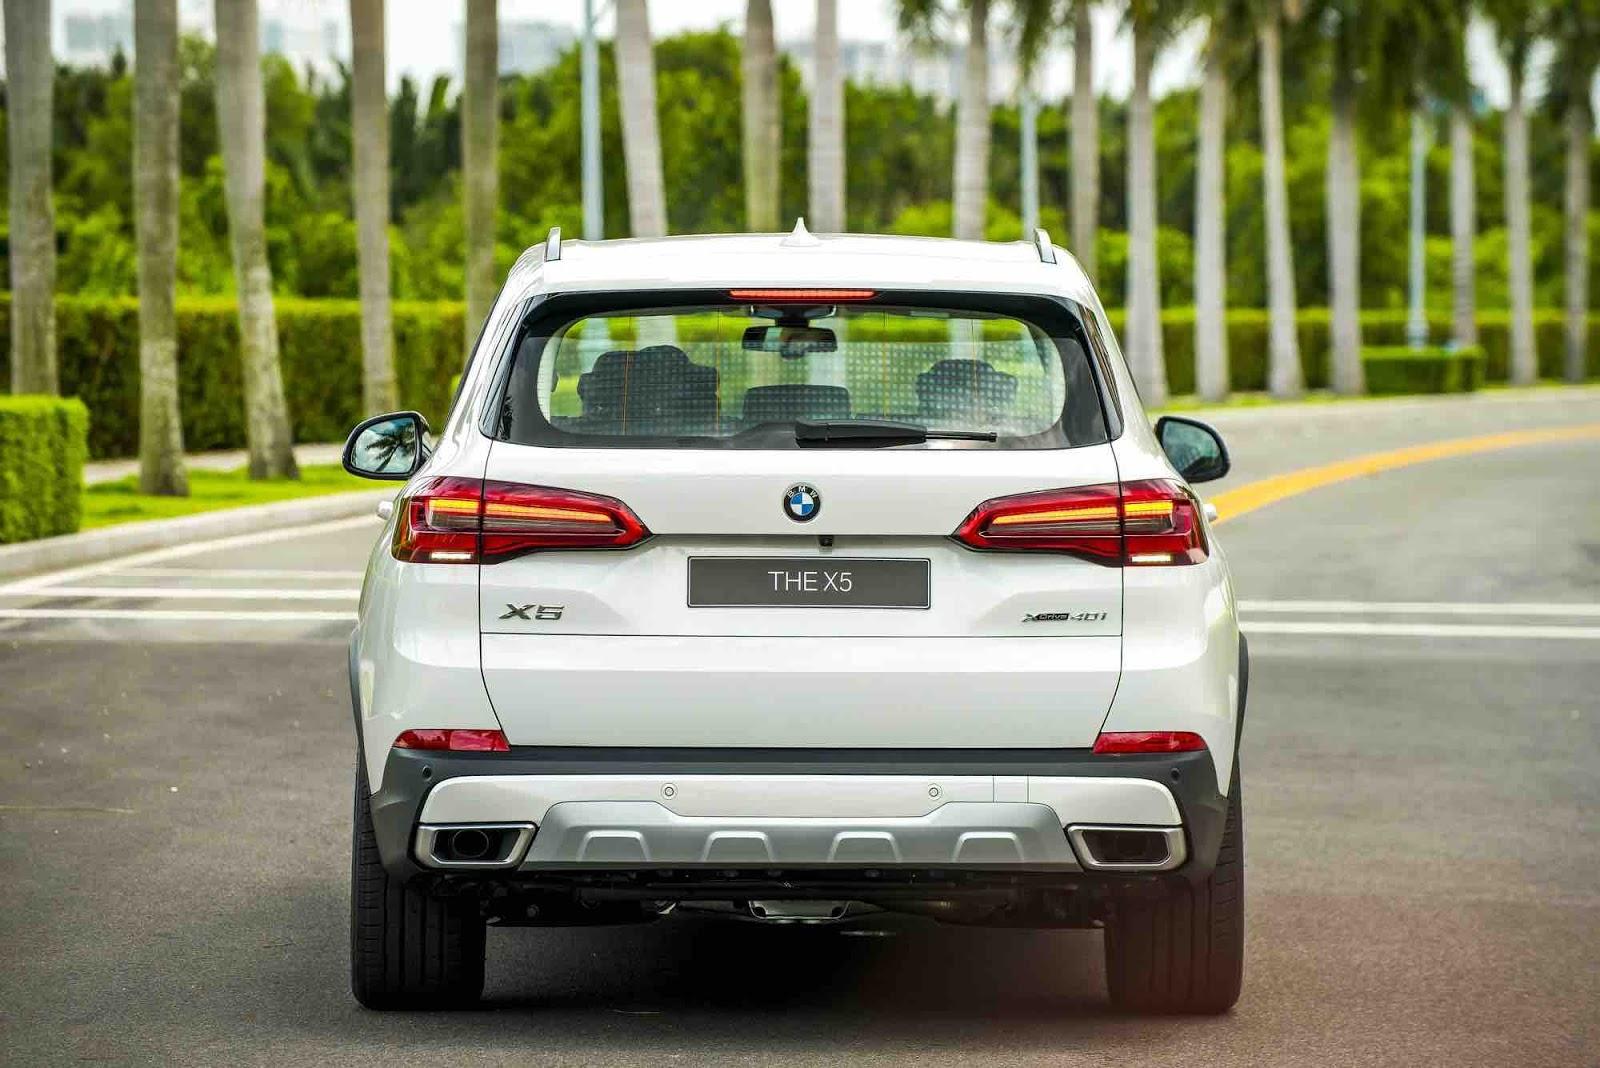 Xe 7 Chỗ BMW X5 Đời 2020 Giá Và Thông Số Kỹ Thuật - ngoại thất màu trắng sữa nhập khẩu